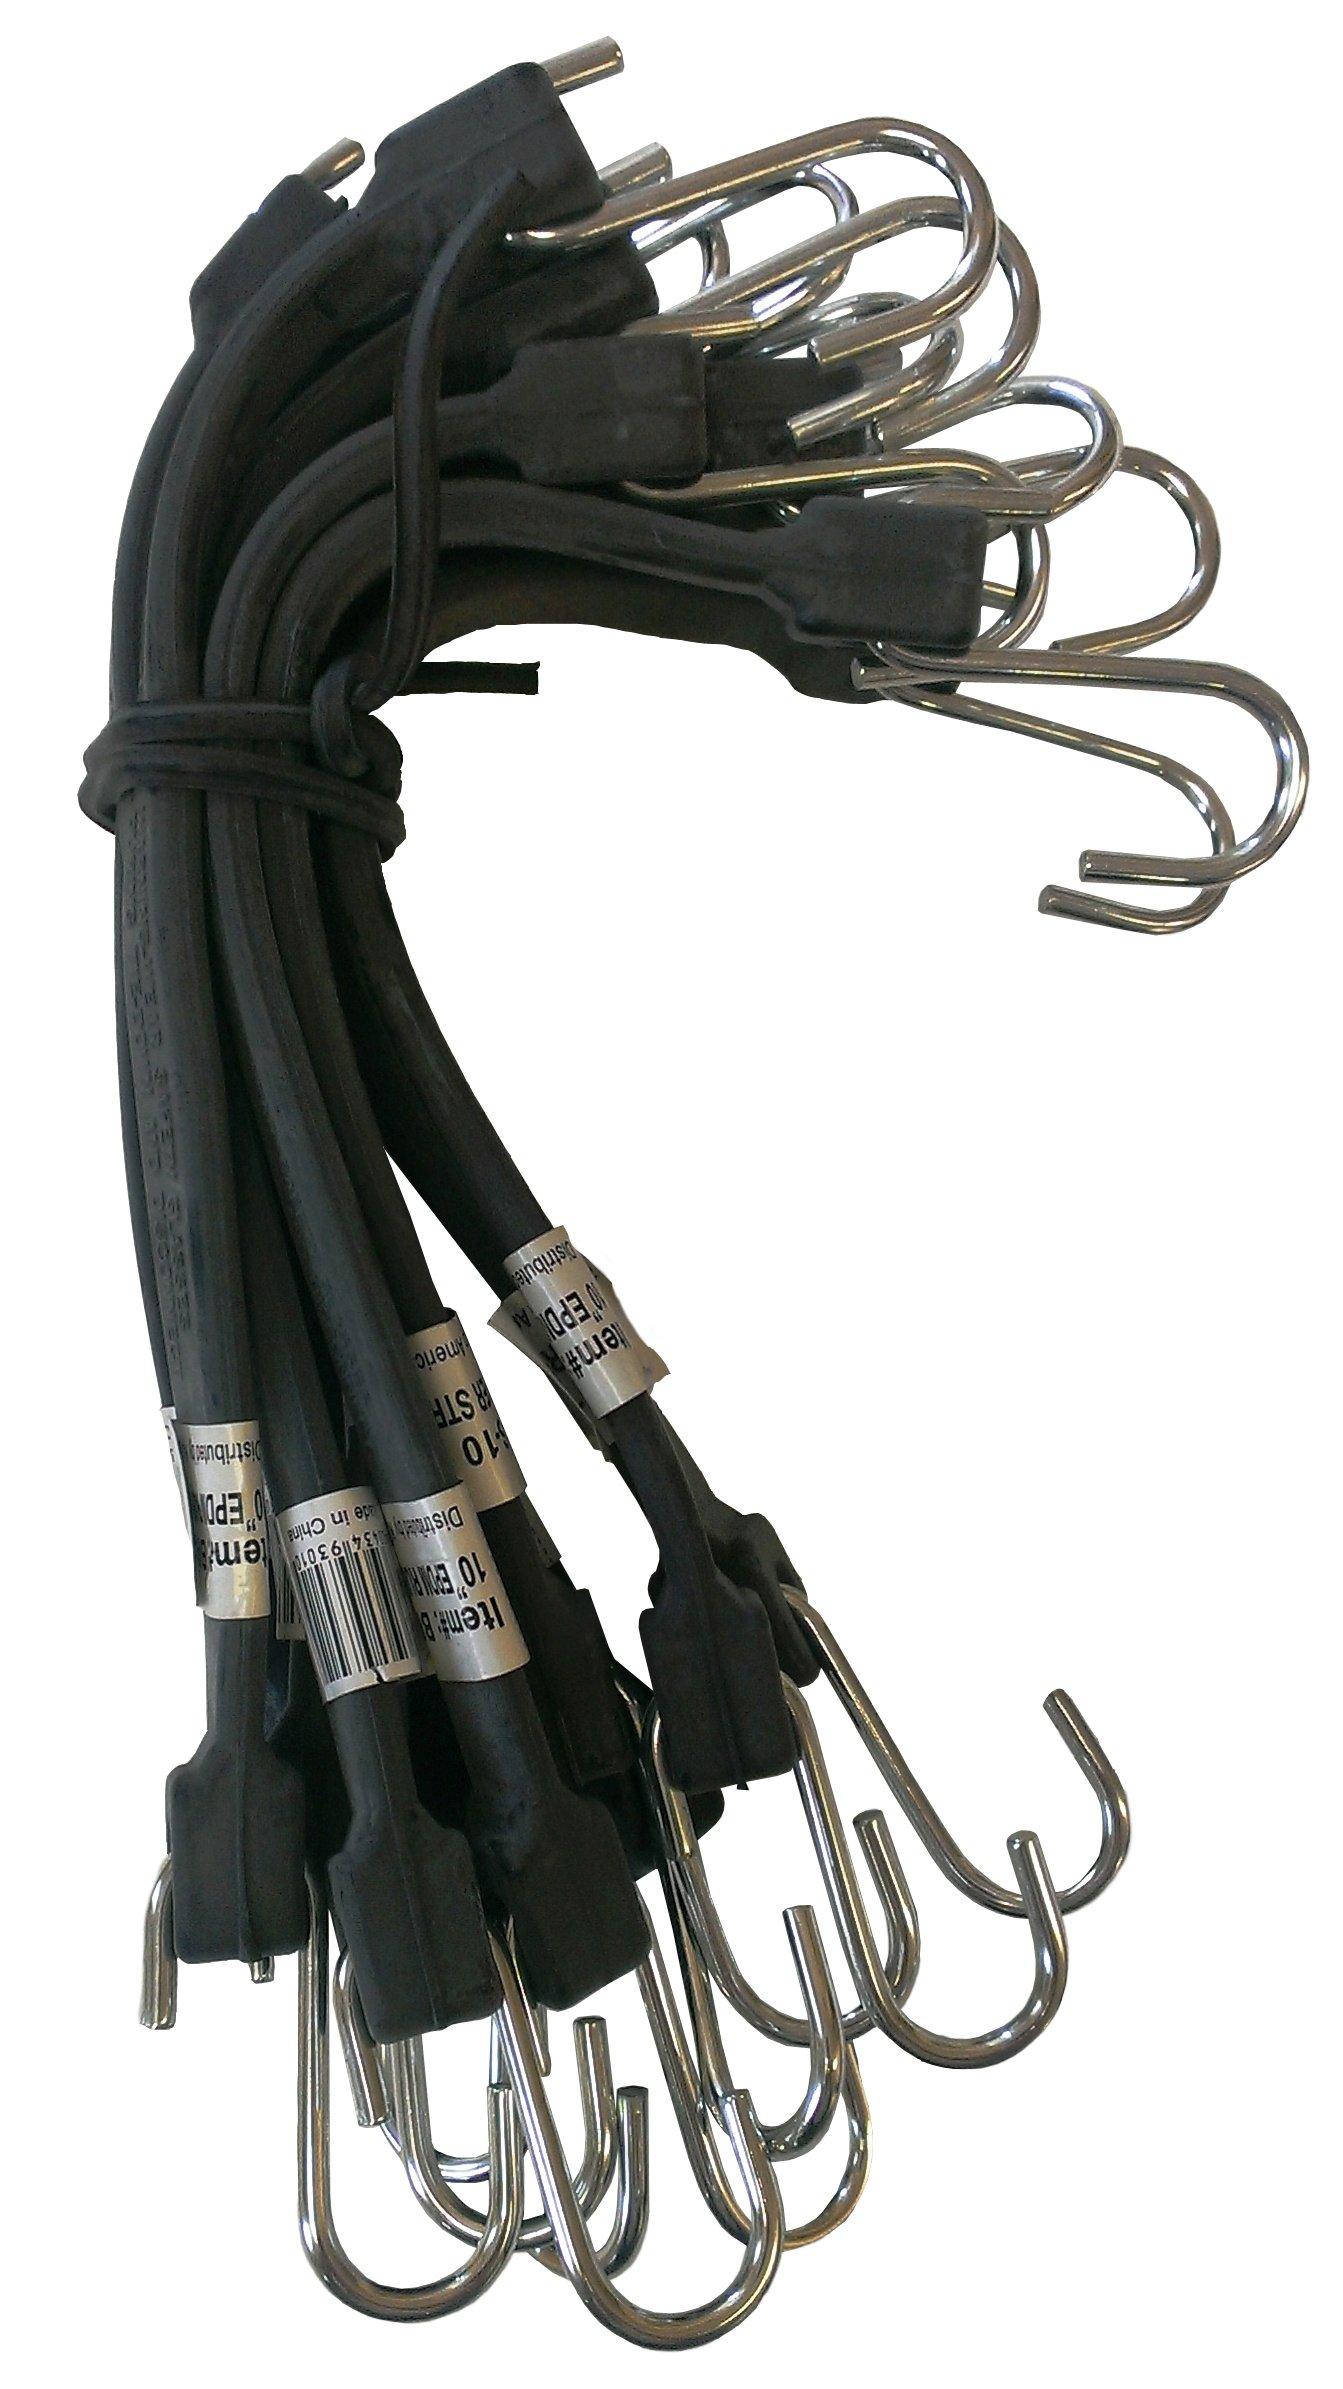 Kotap MBRS-10 EPDM Rubber 10-Inch Tie Down Strap, Black, 10-Piece by Kotap